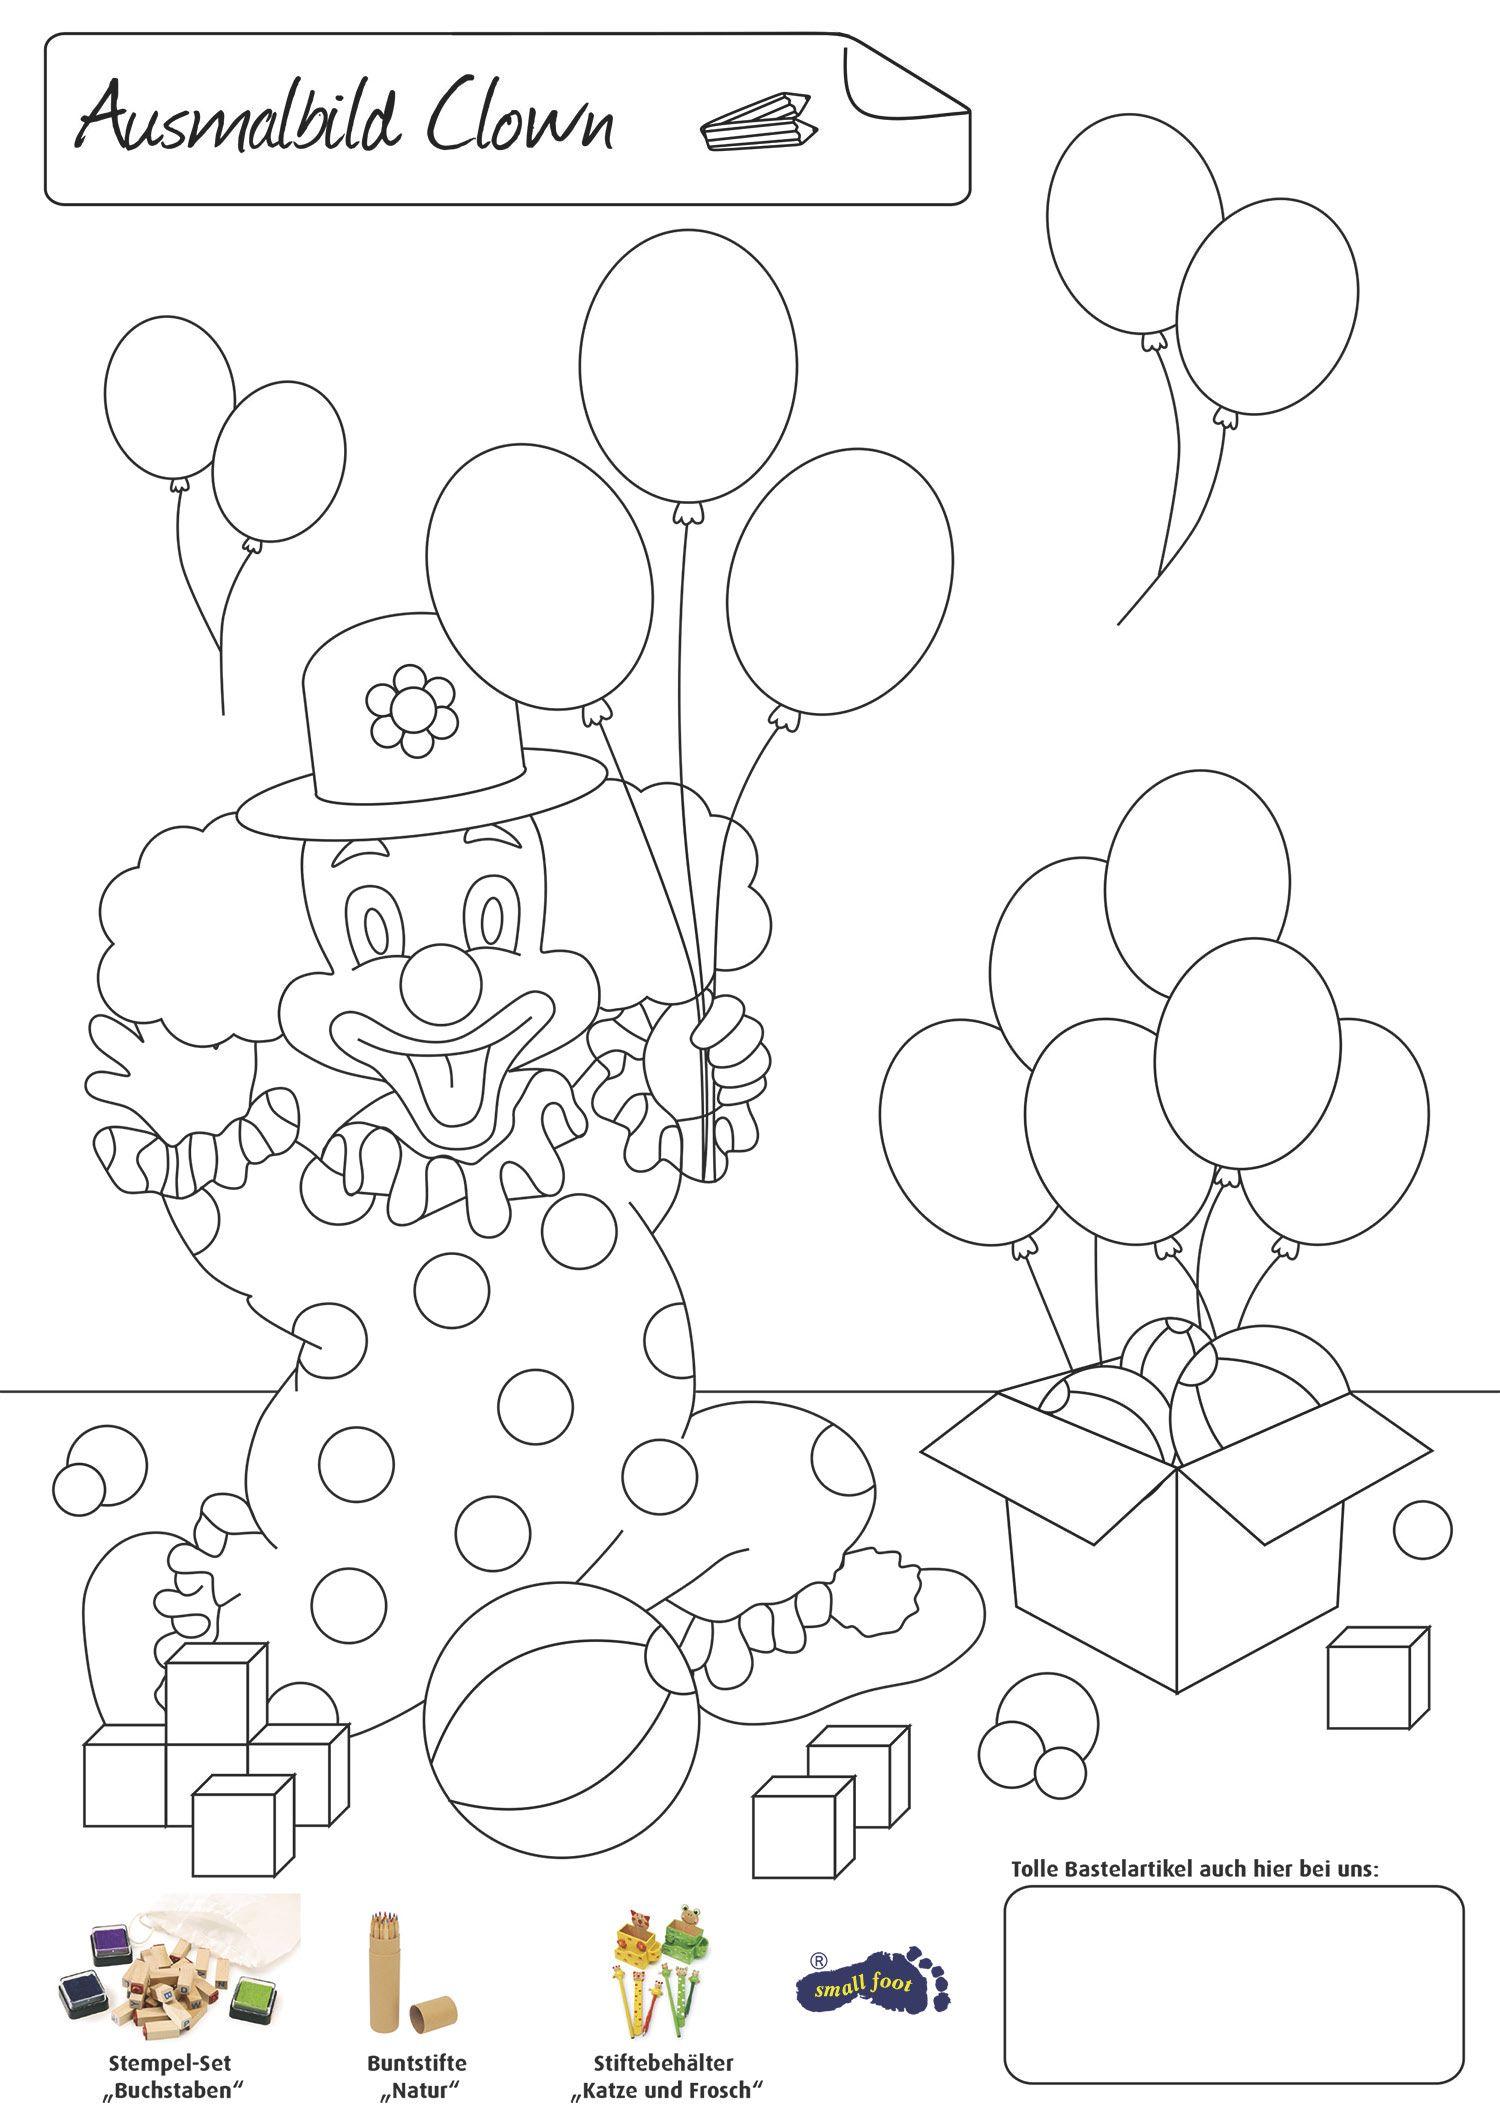 Ausmalbild Clown | Bastelvorlagen / Craft templates | Pinterest ...